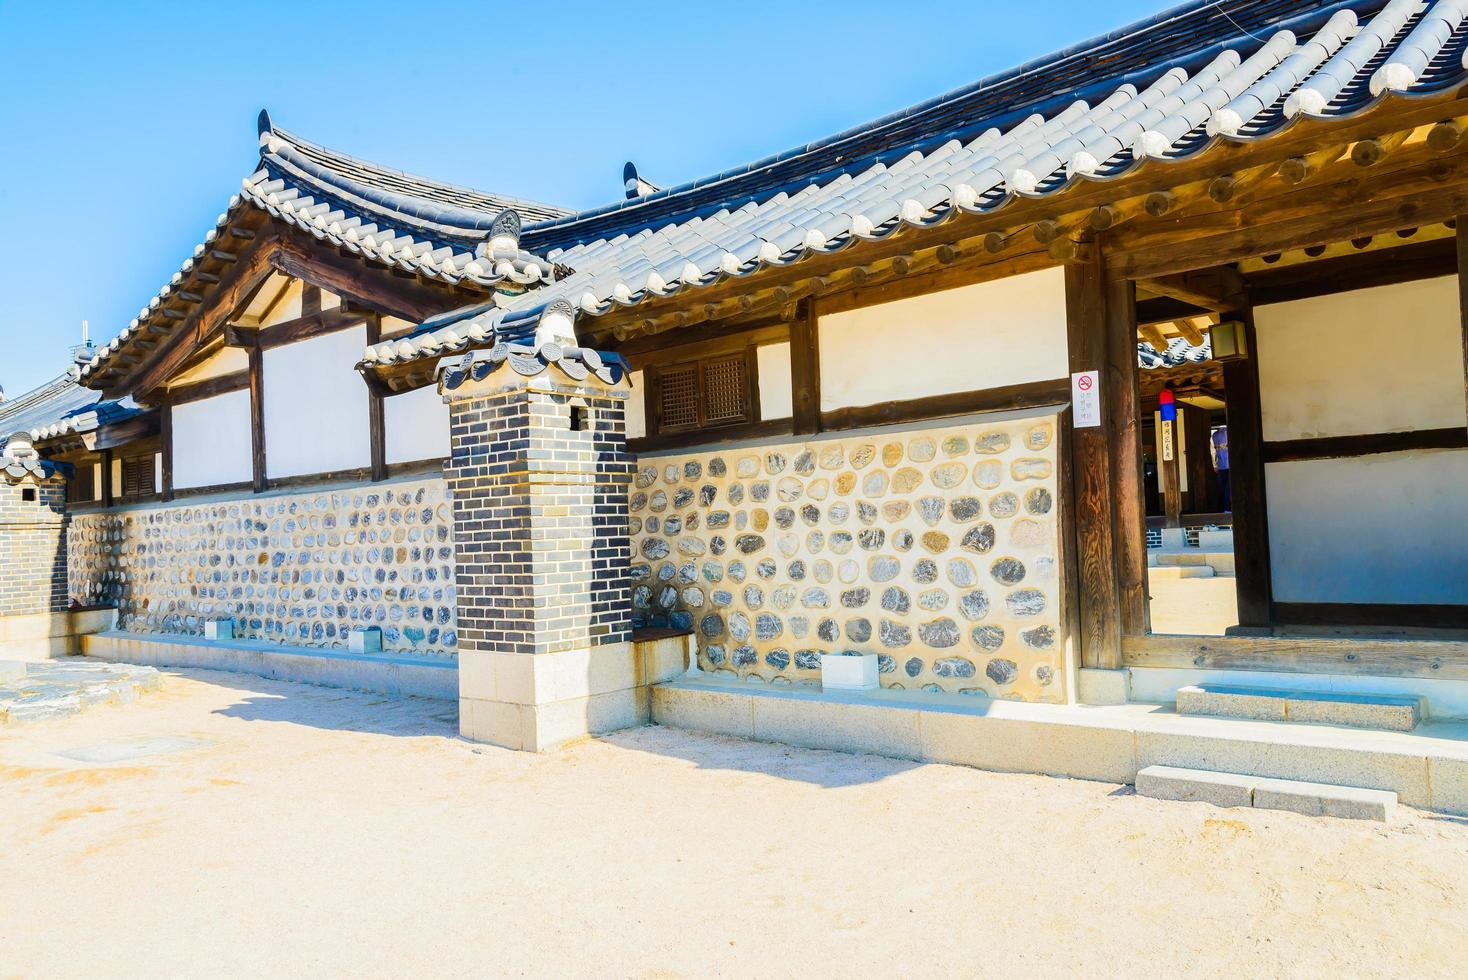 Namsangol hanok village à Séoul, Corée du Sud photo